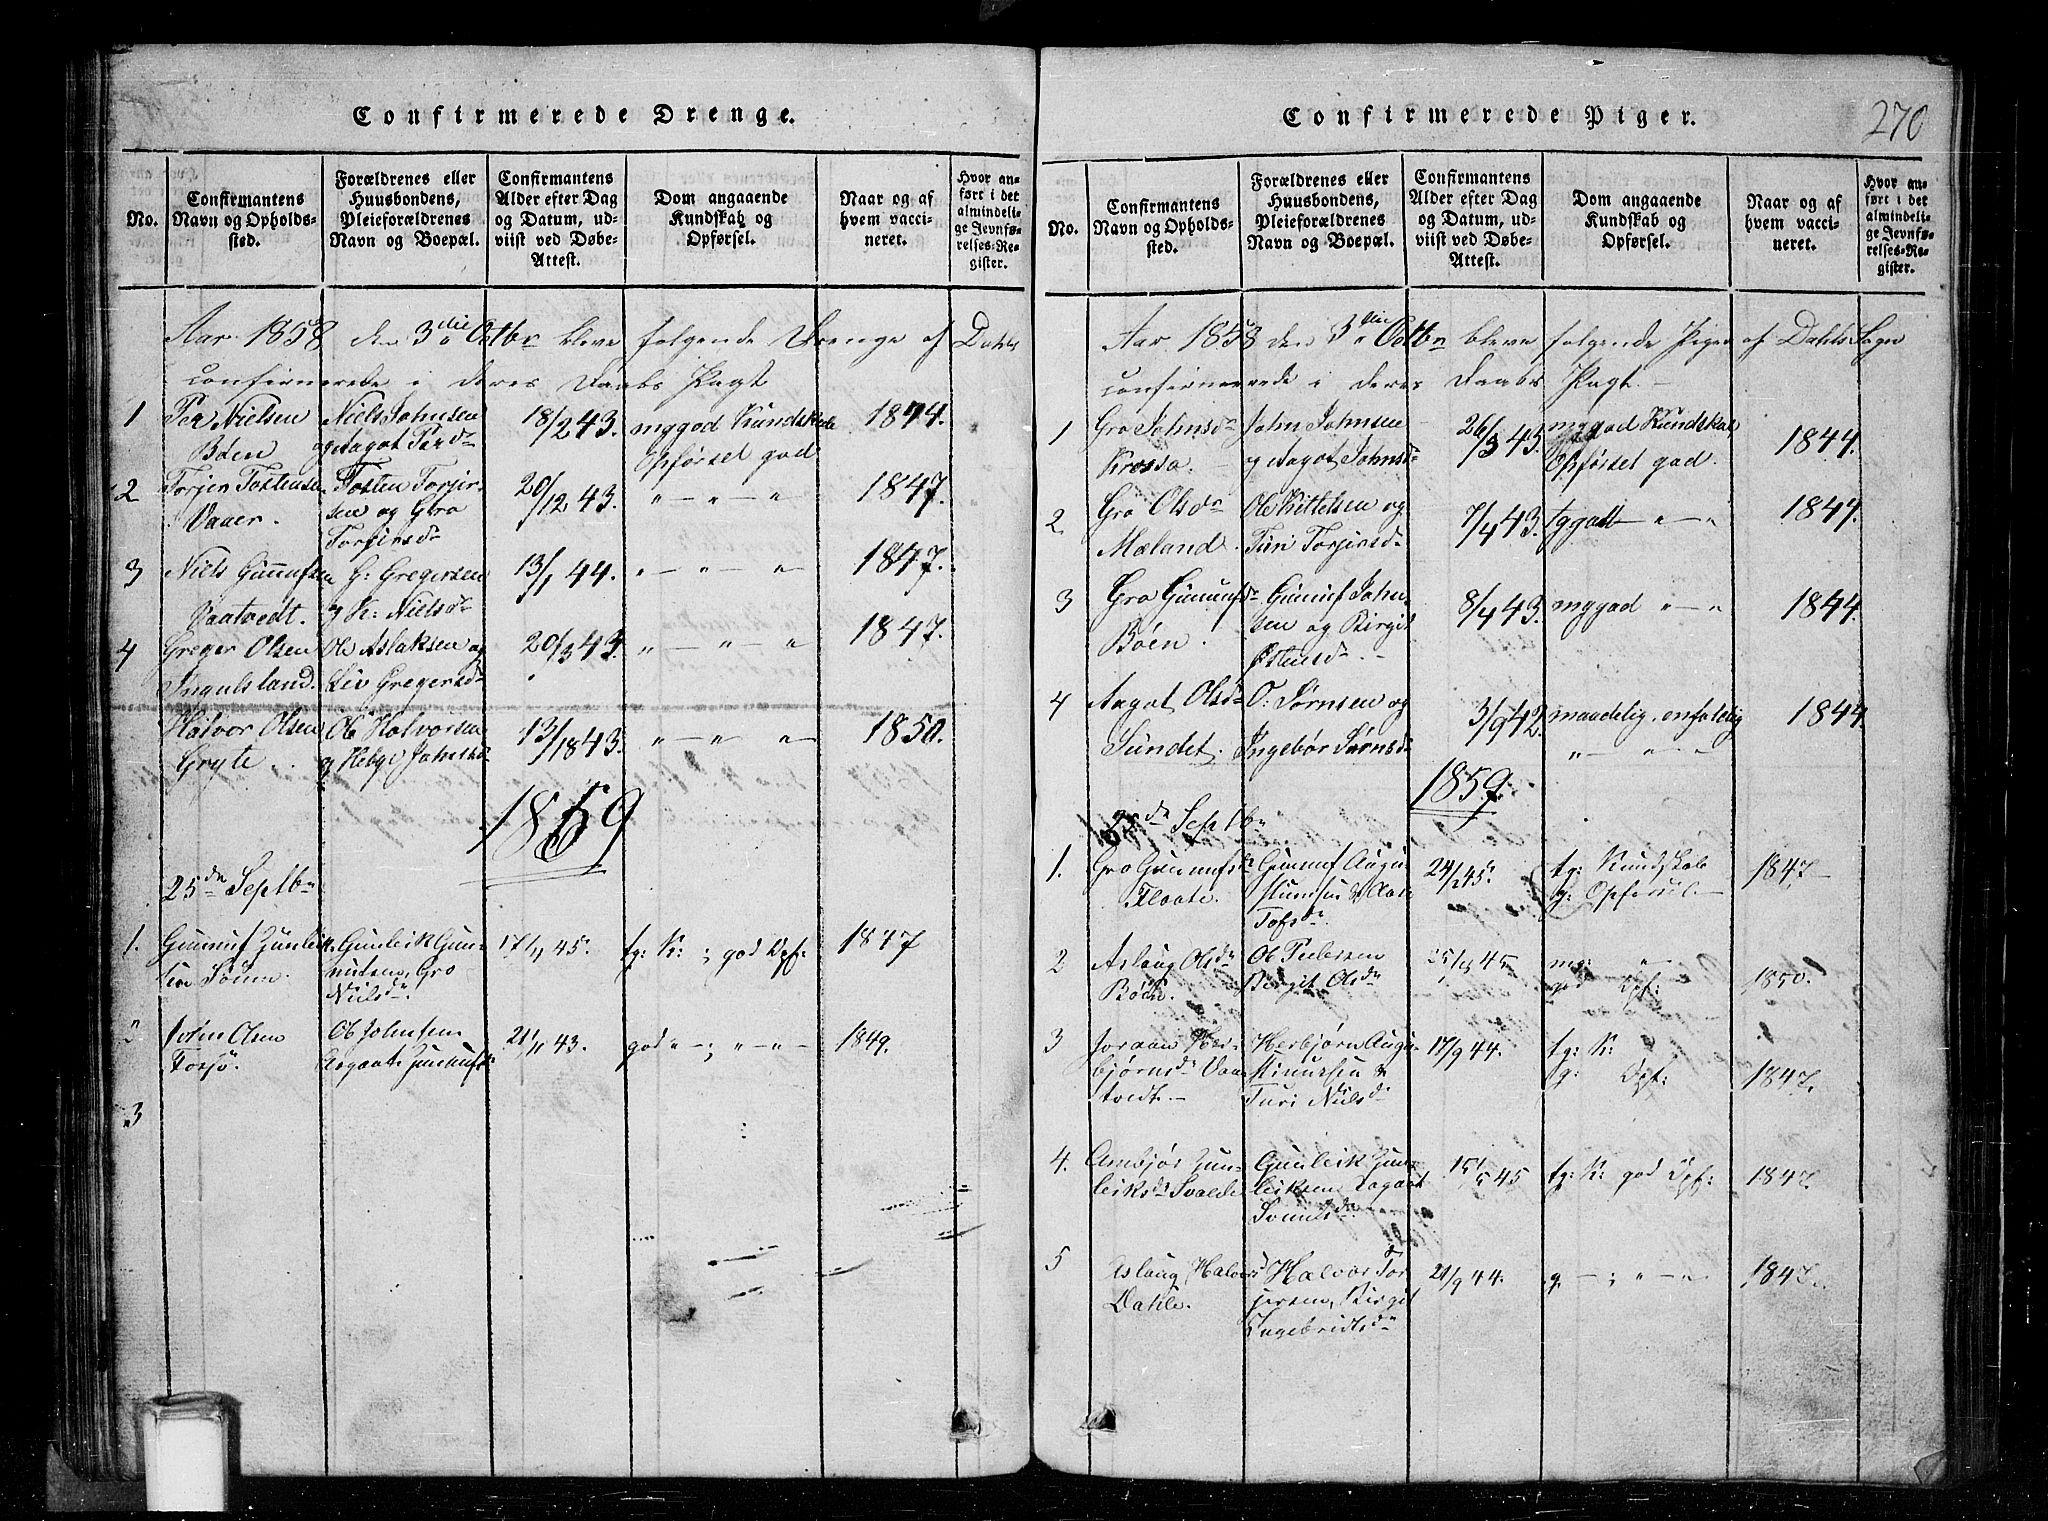 SAKO, Tinn kirkebøker, G/Gc/L0001: Klokkerbok nr. III 1, 1815-1879, s. 270